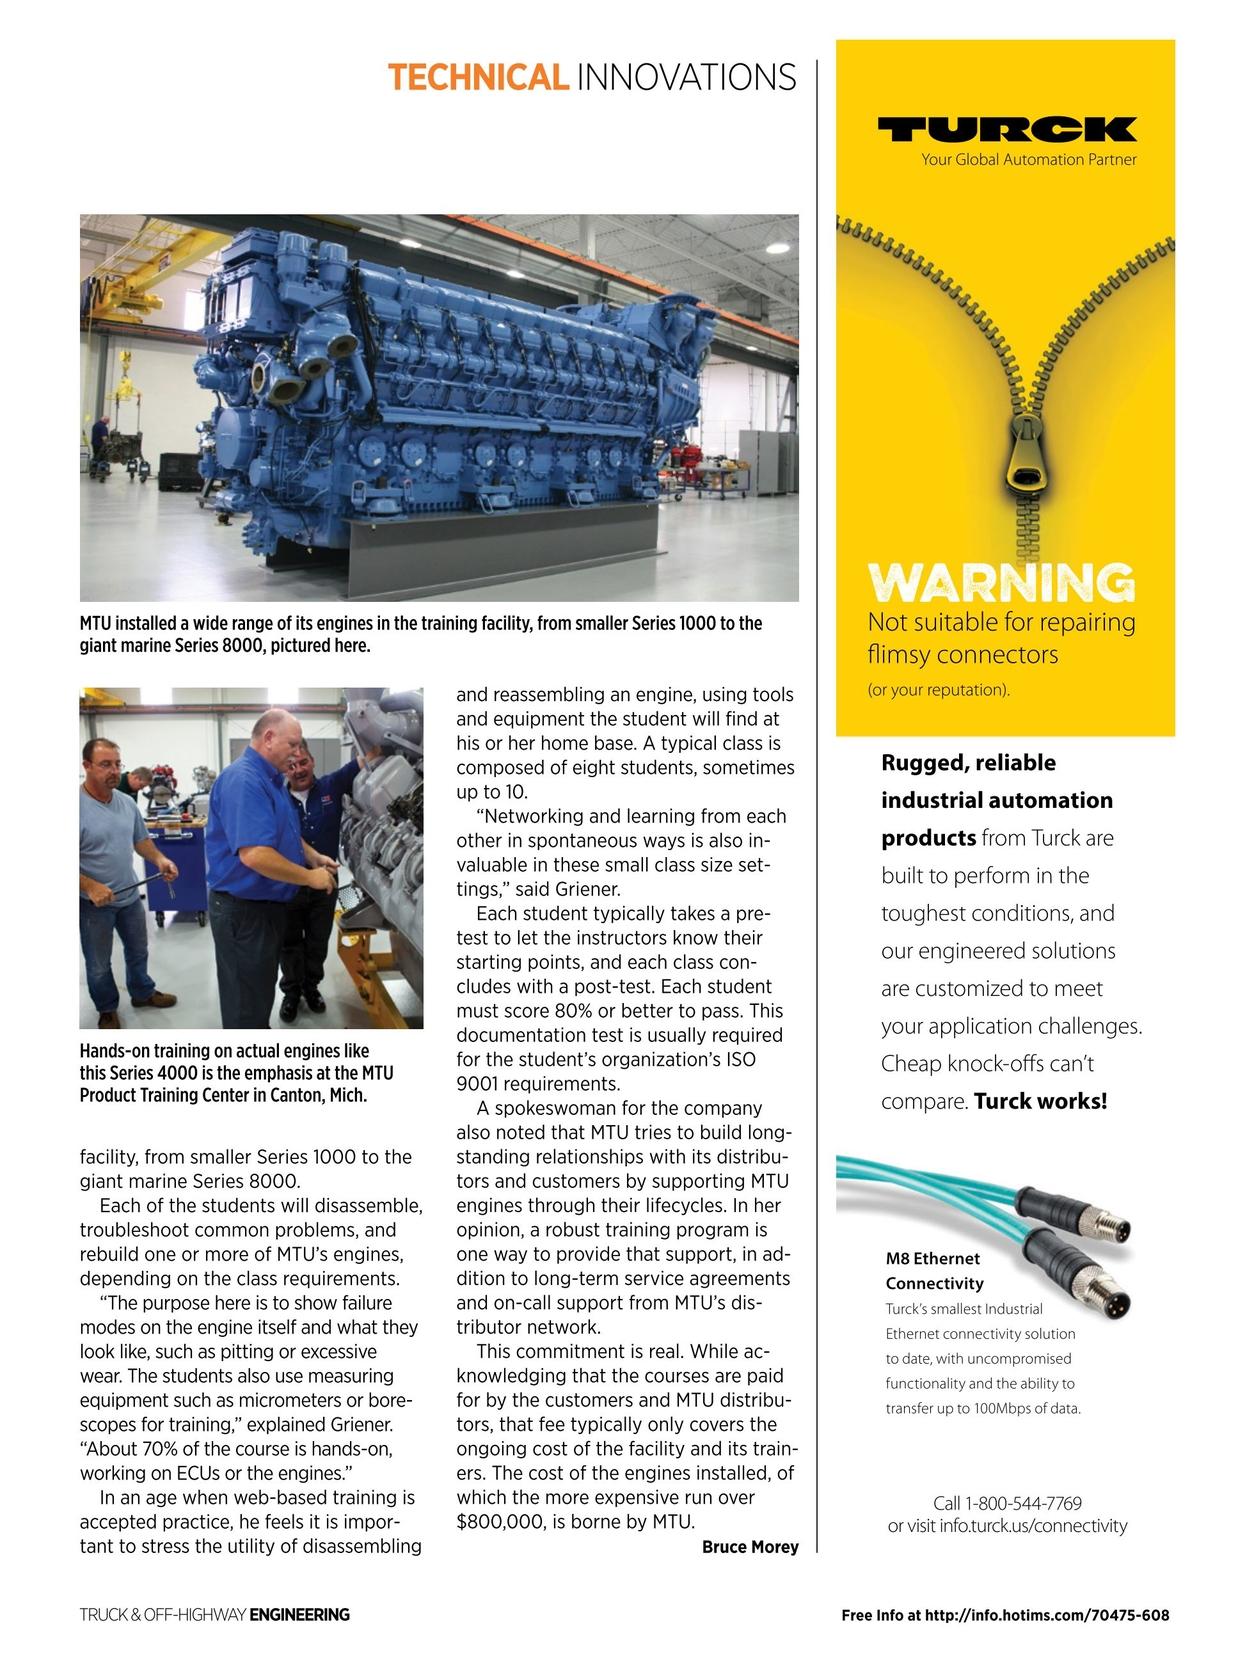 Truck & Off-Highway Engineering - June 2018